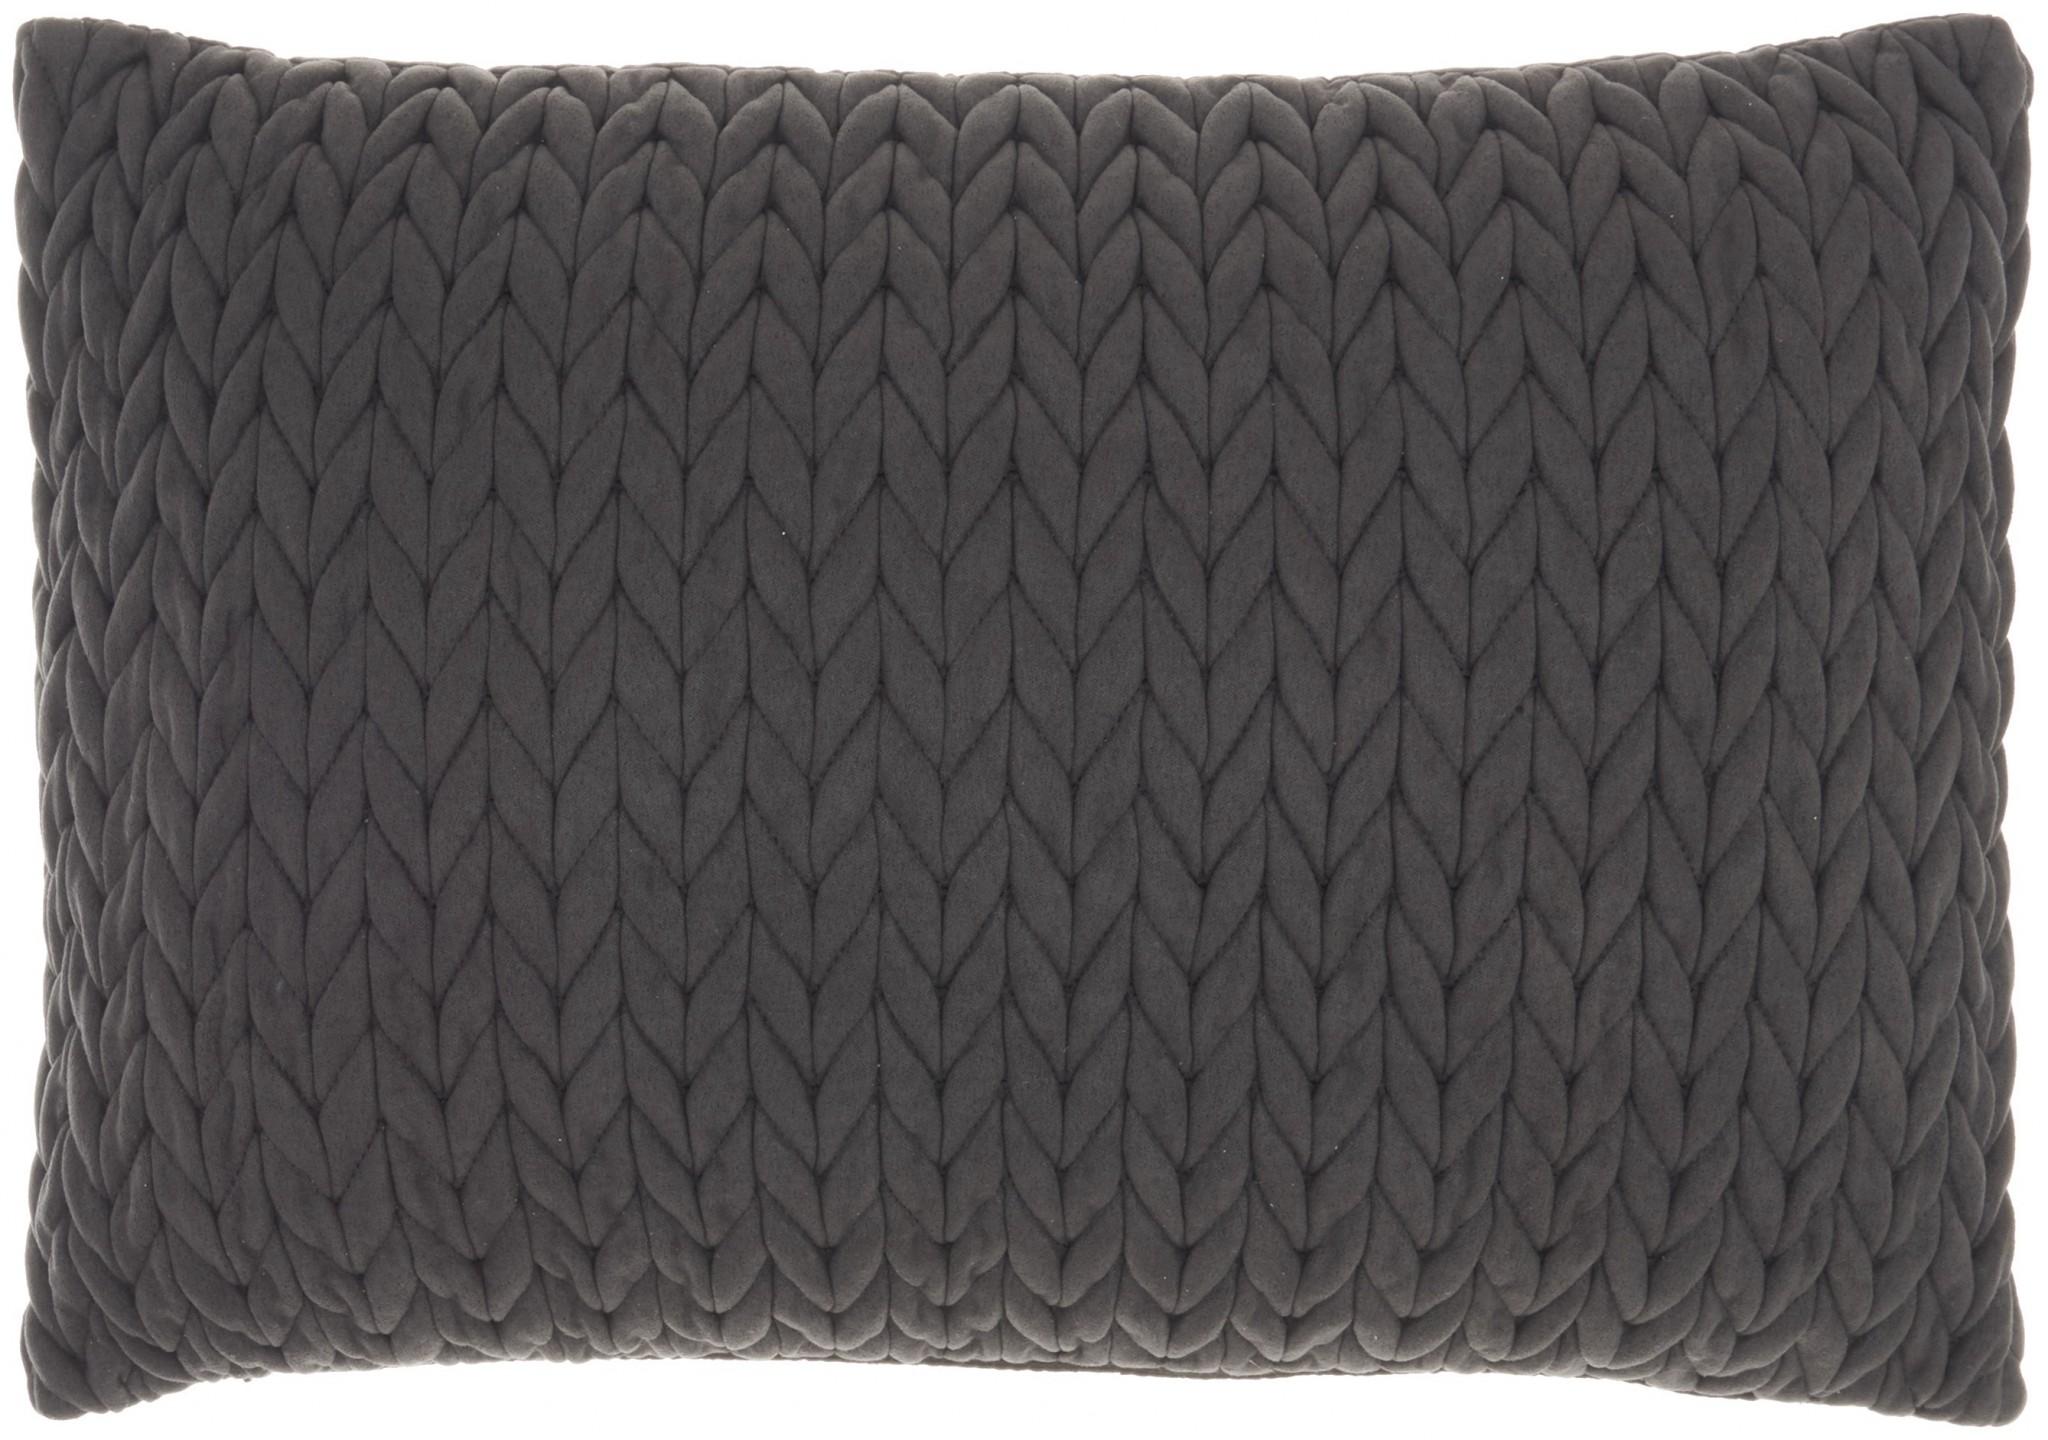 Charcoal Chunky Braid Lumbar Pillow